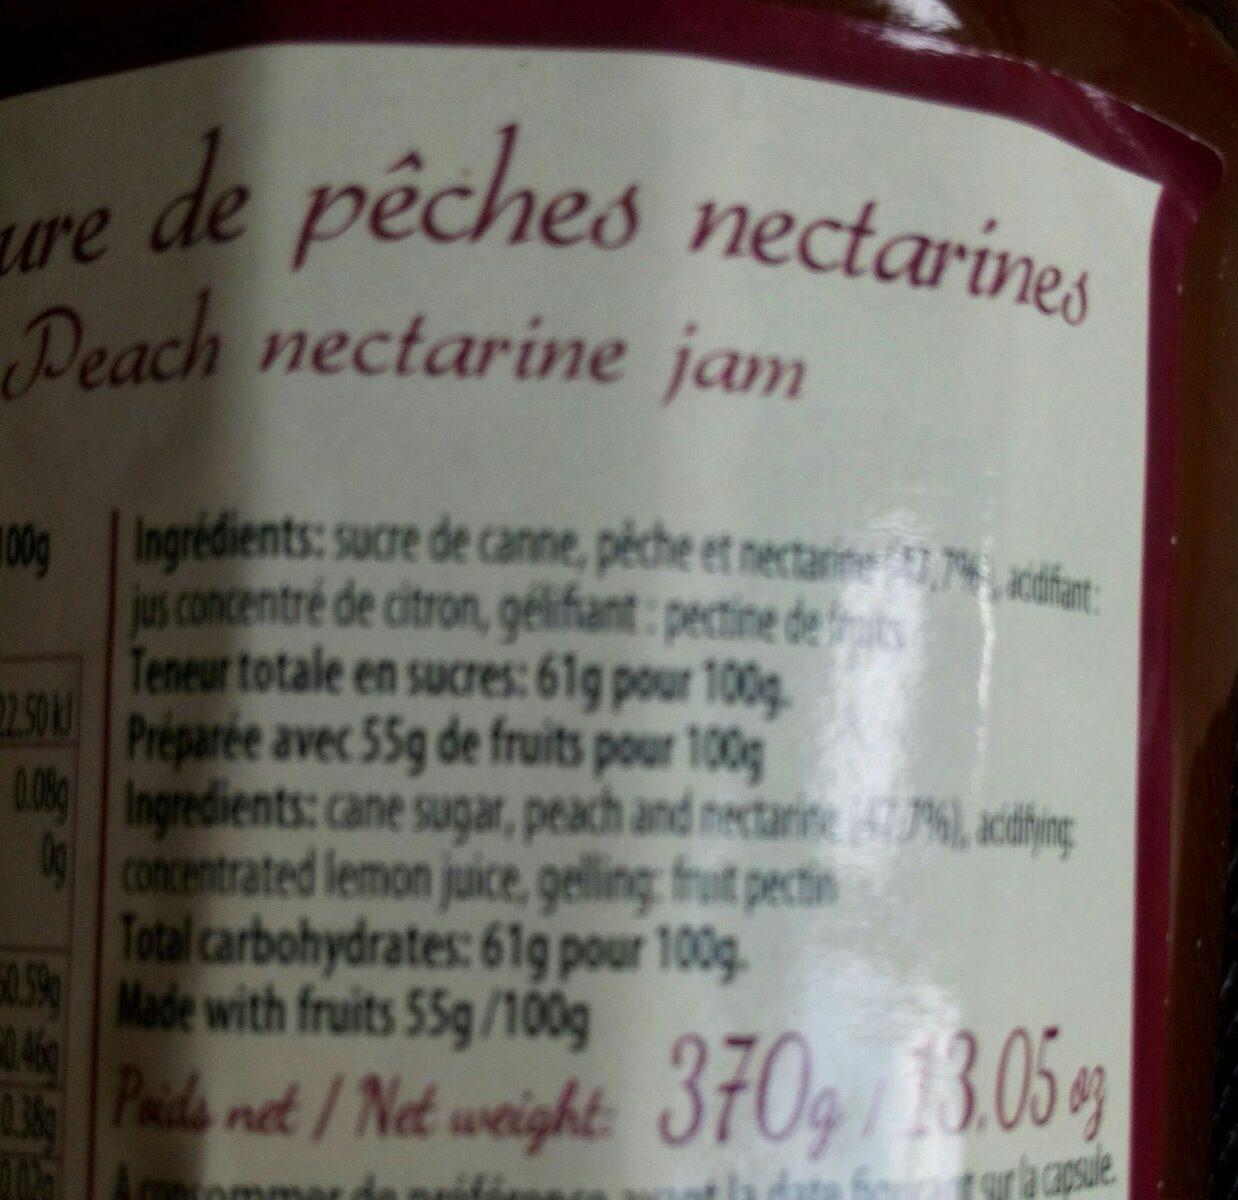 Confiture de pêches nectarines - Ingrédients